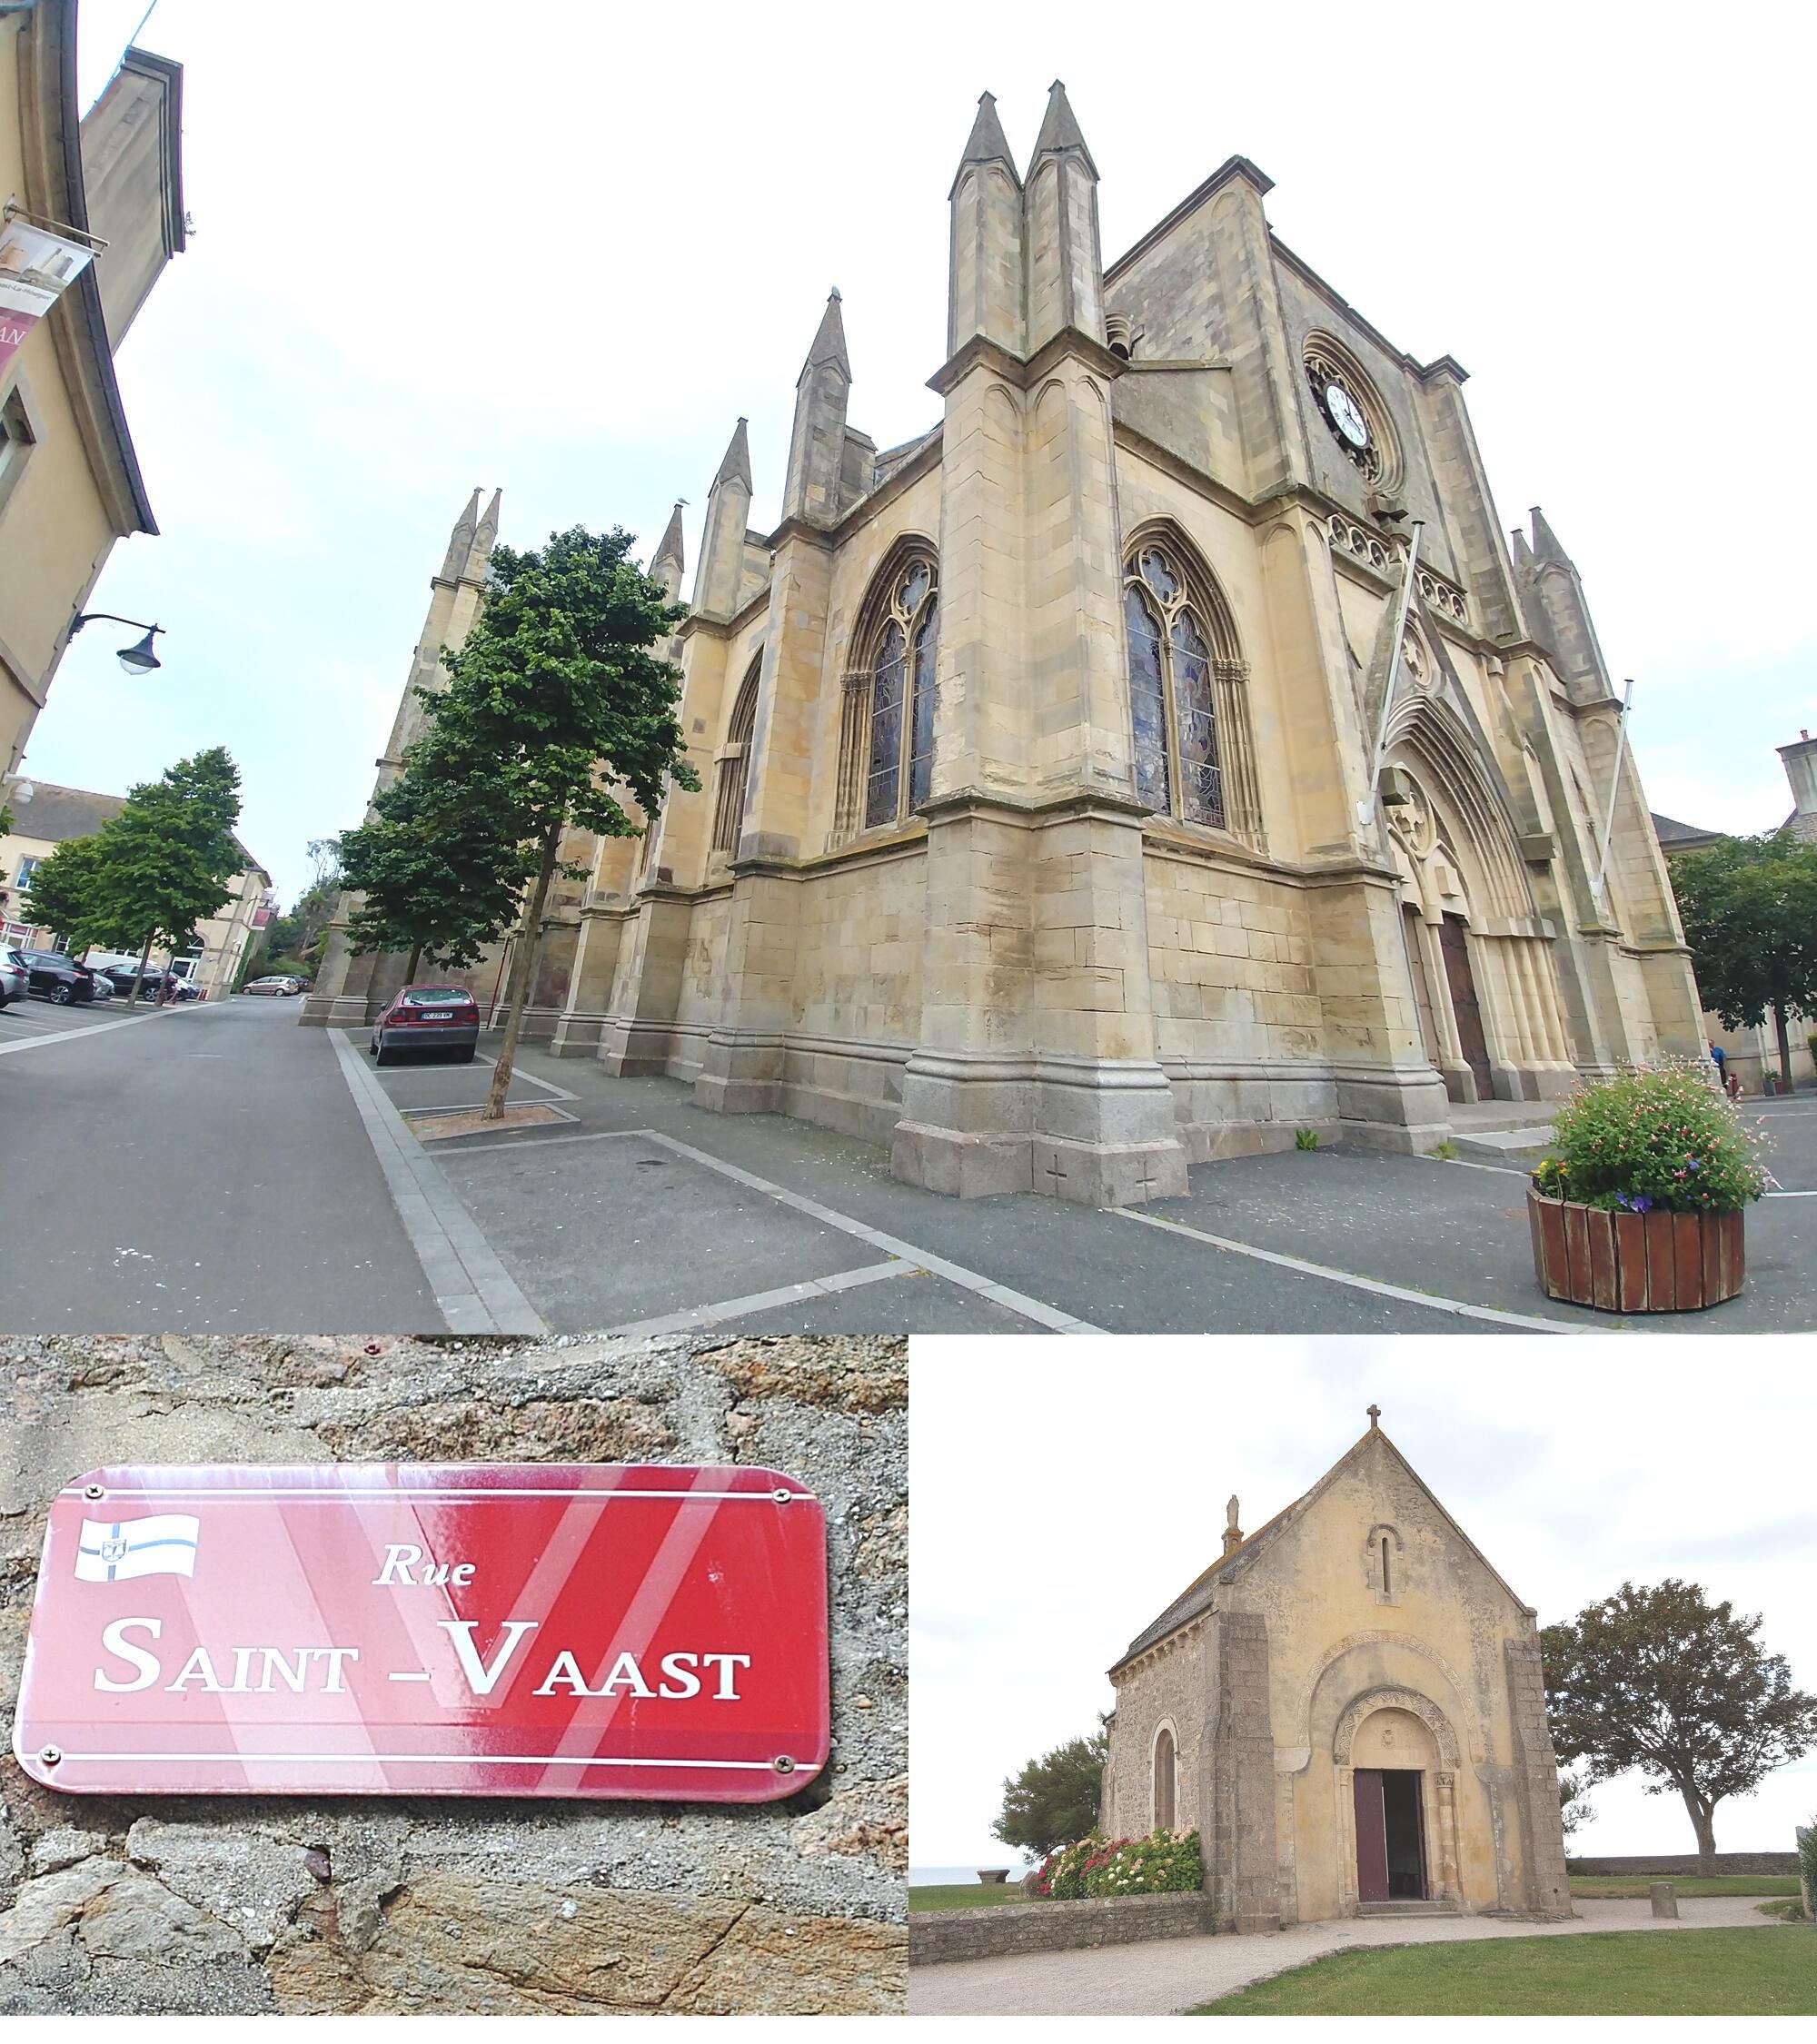 Nhà thờ Saint Vaast la Hougue và nhà nguyện. Từ trung tâm, bạn có thể đi dạo khoảng hai cây số dọc bờ biển